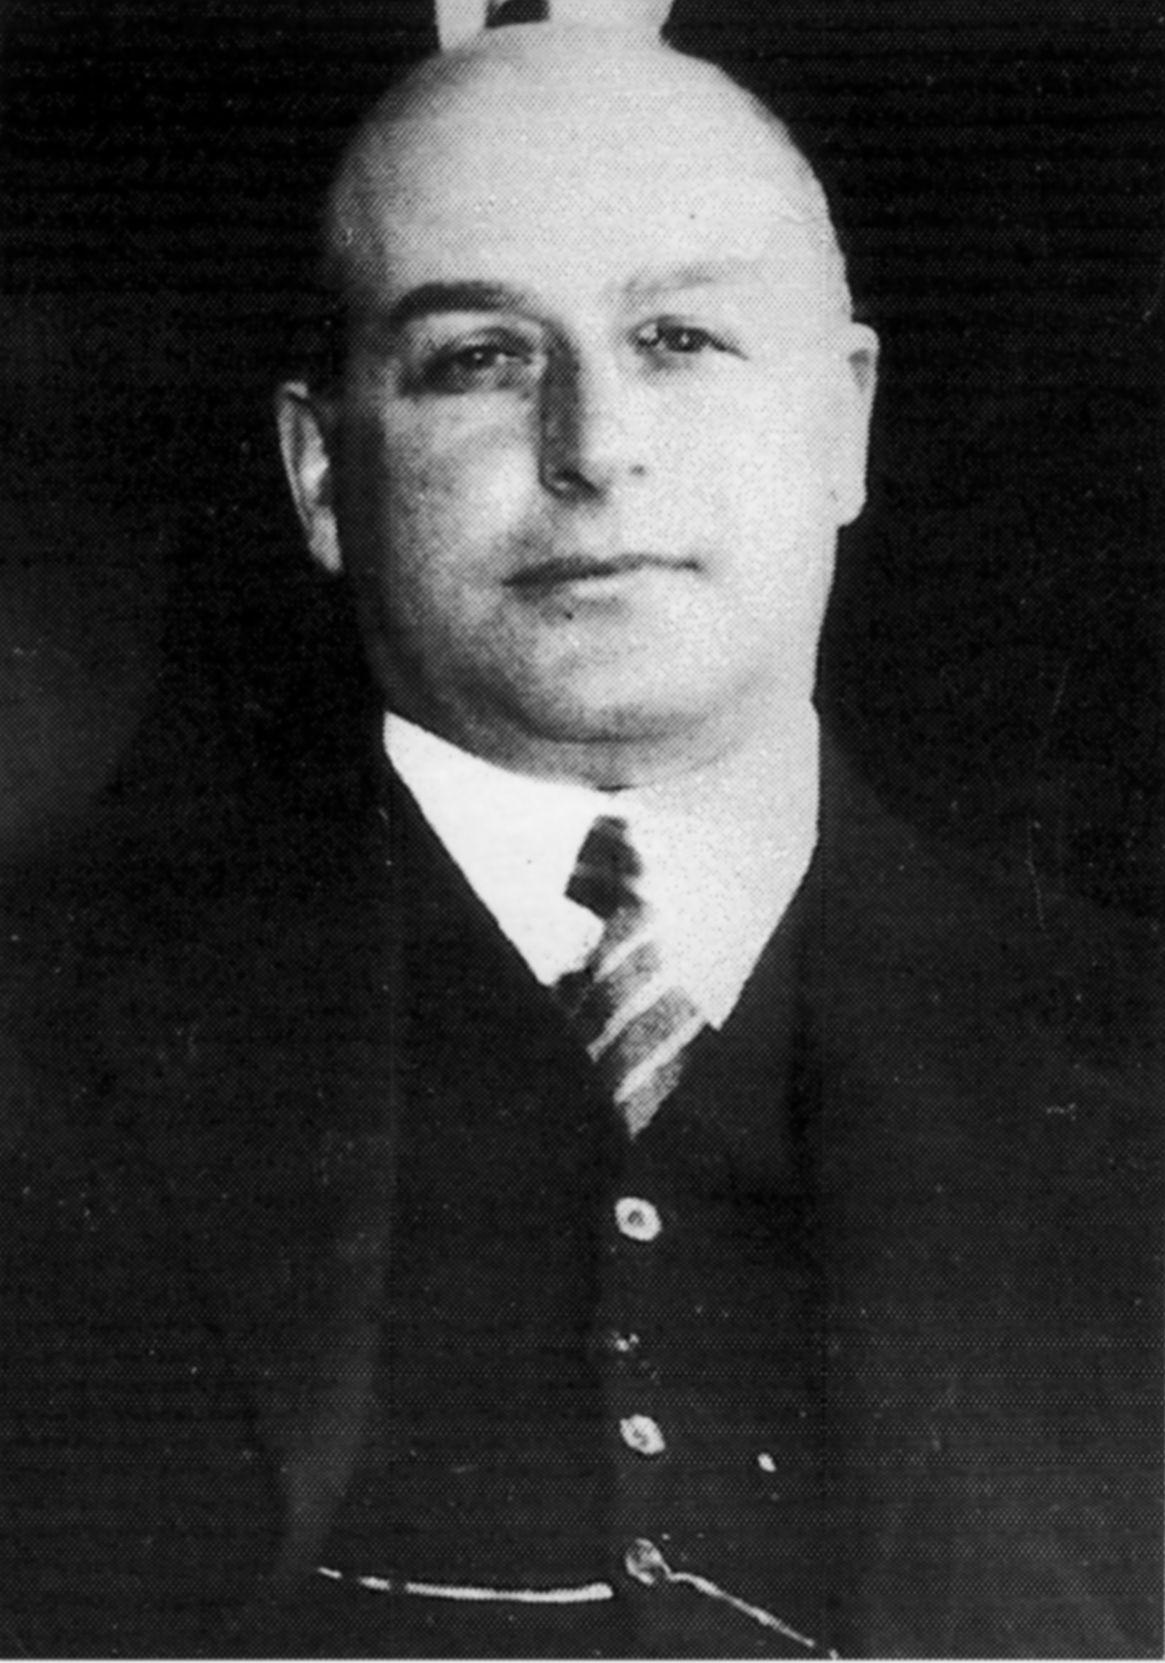 Portret van Marc Herman Boasson in 1939 (uitsnede uit de foto van de gemeenteraad hieronder).